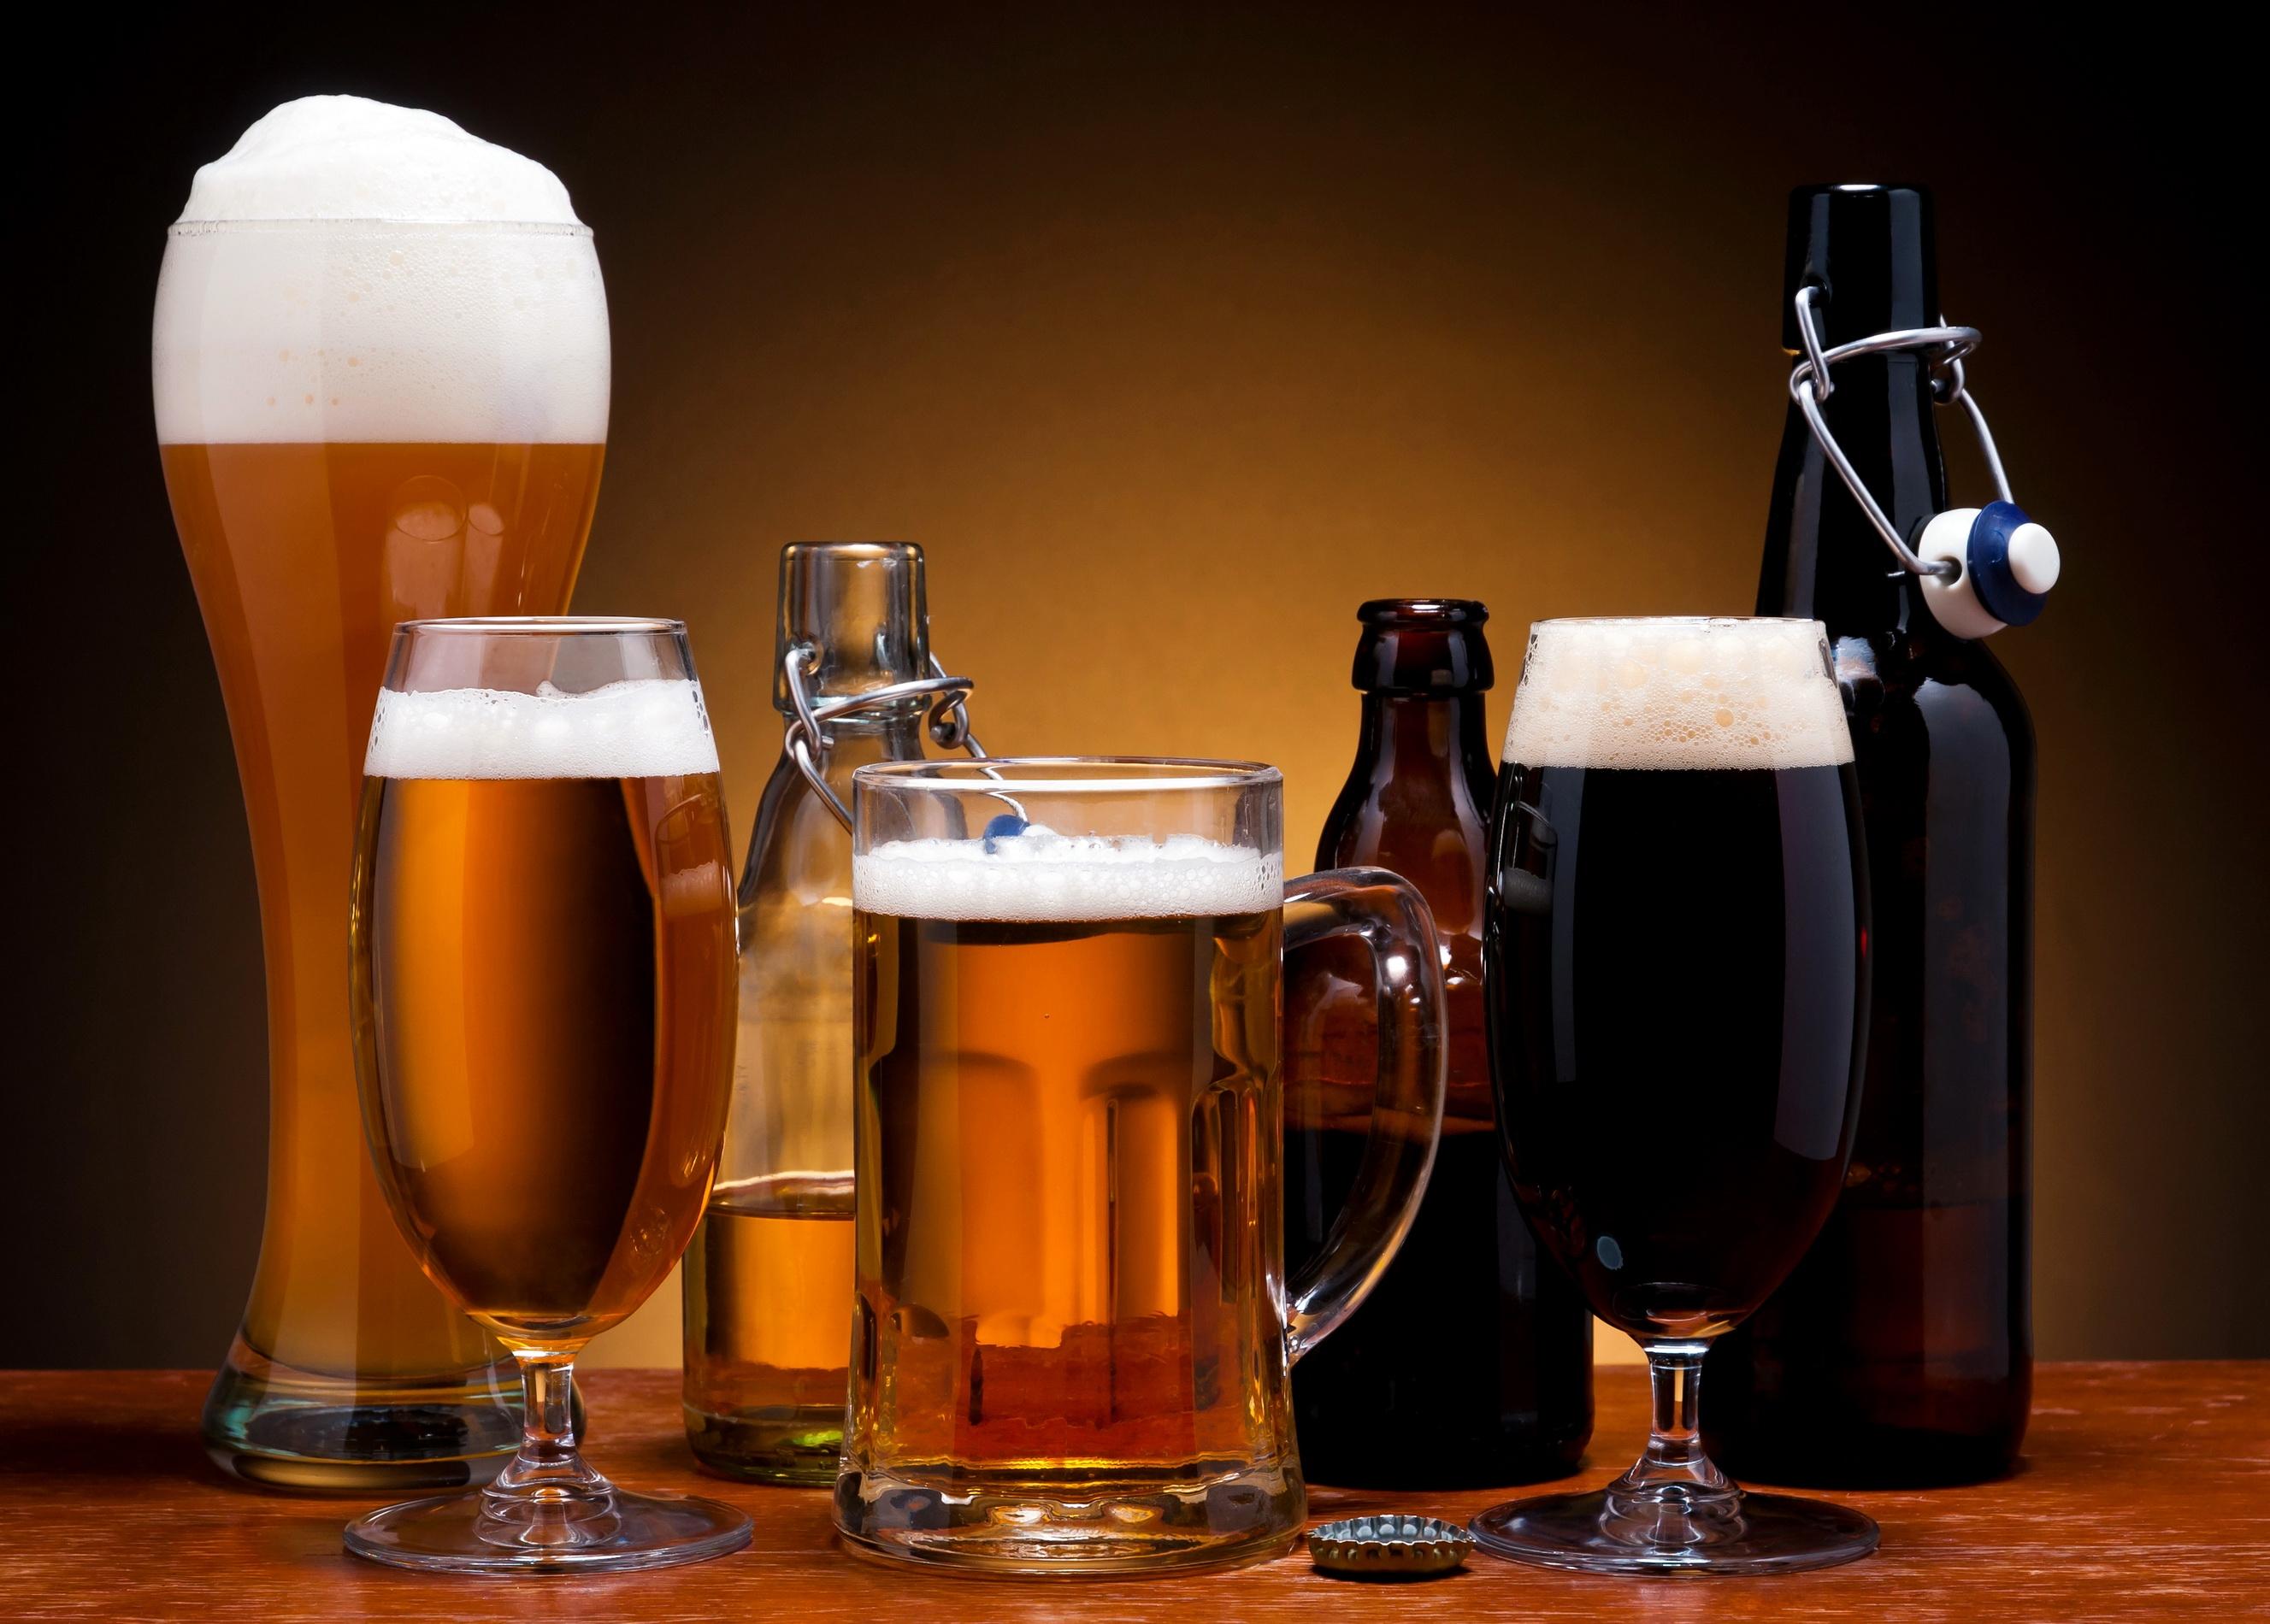 разливное пиво красивые картинки костюм сочетании светло-коричневой